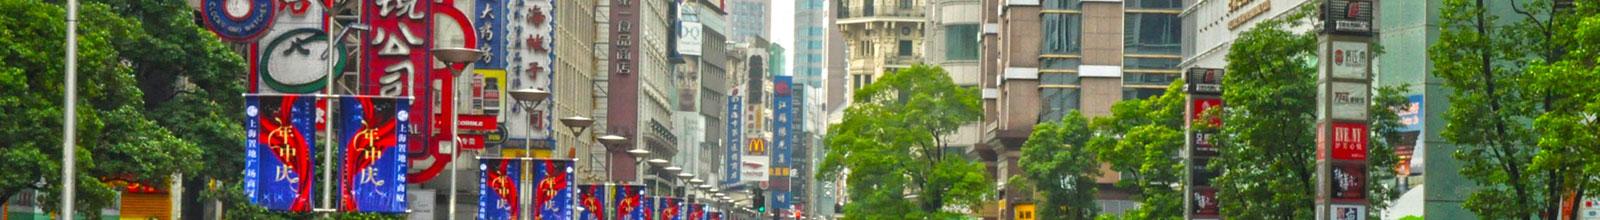 slide-shanghai3